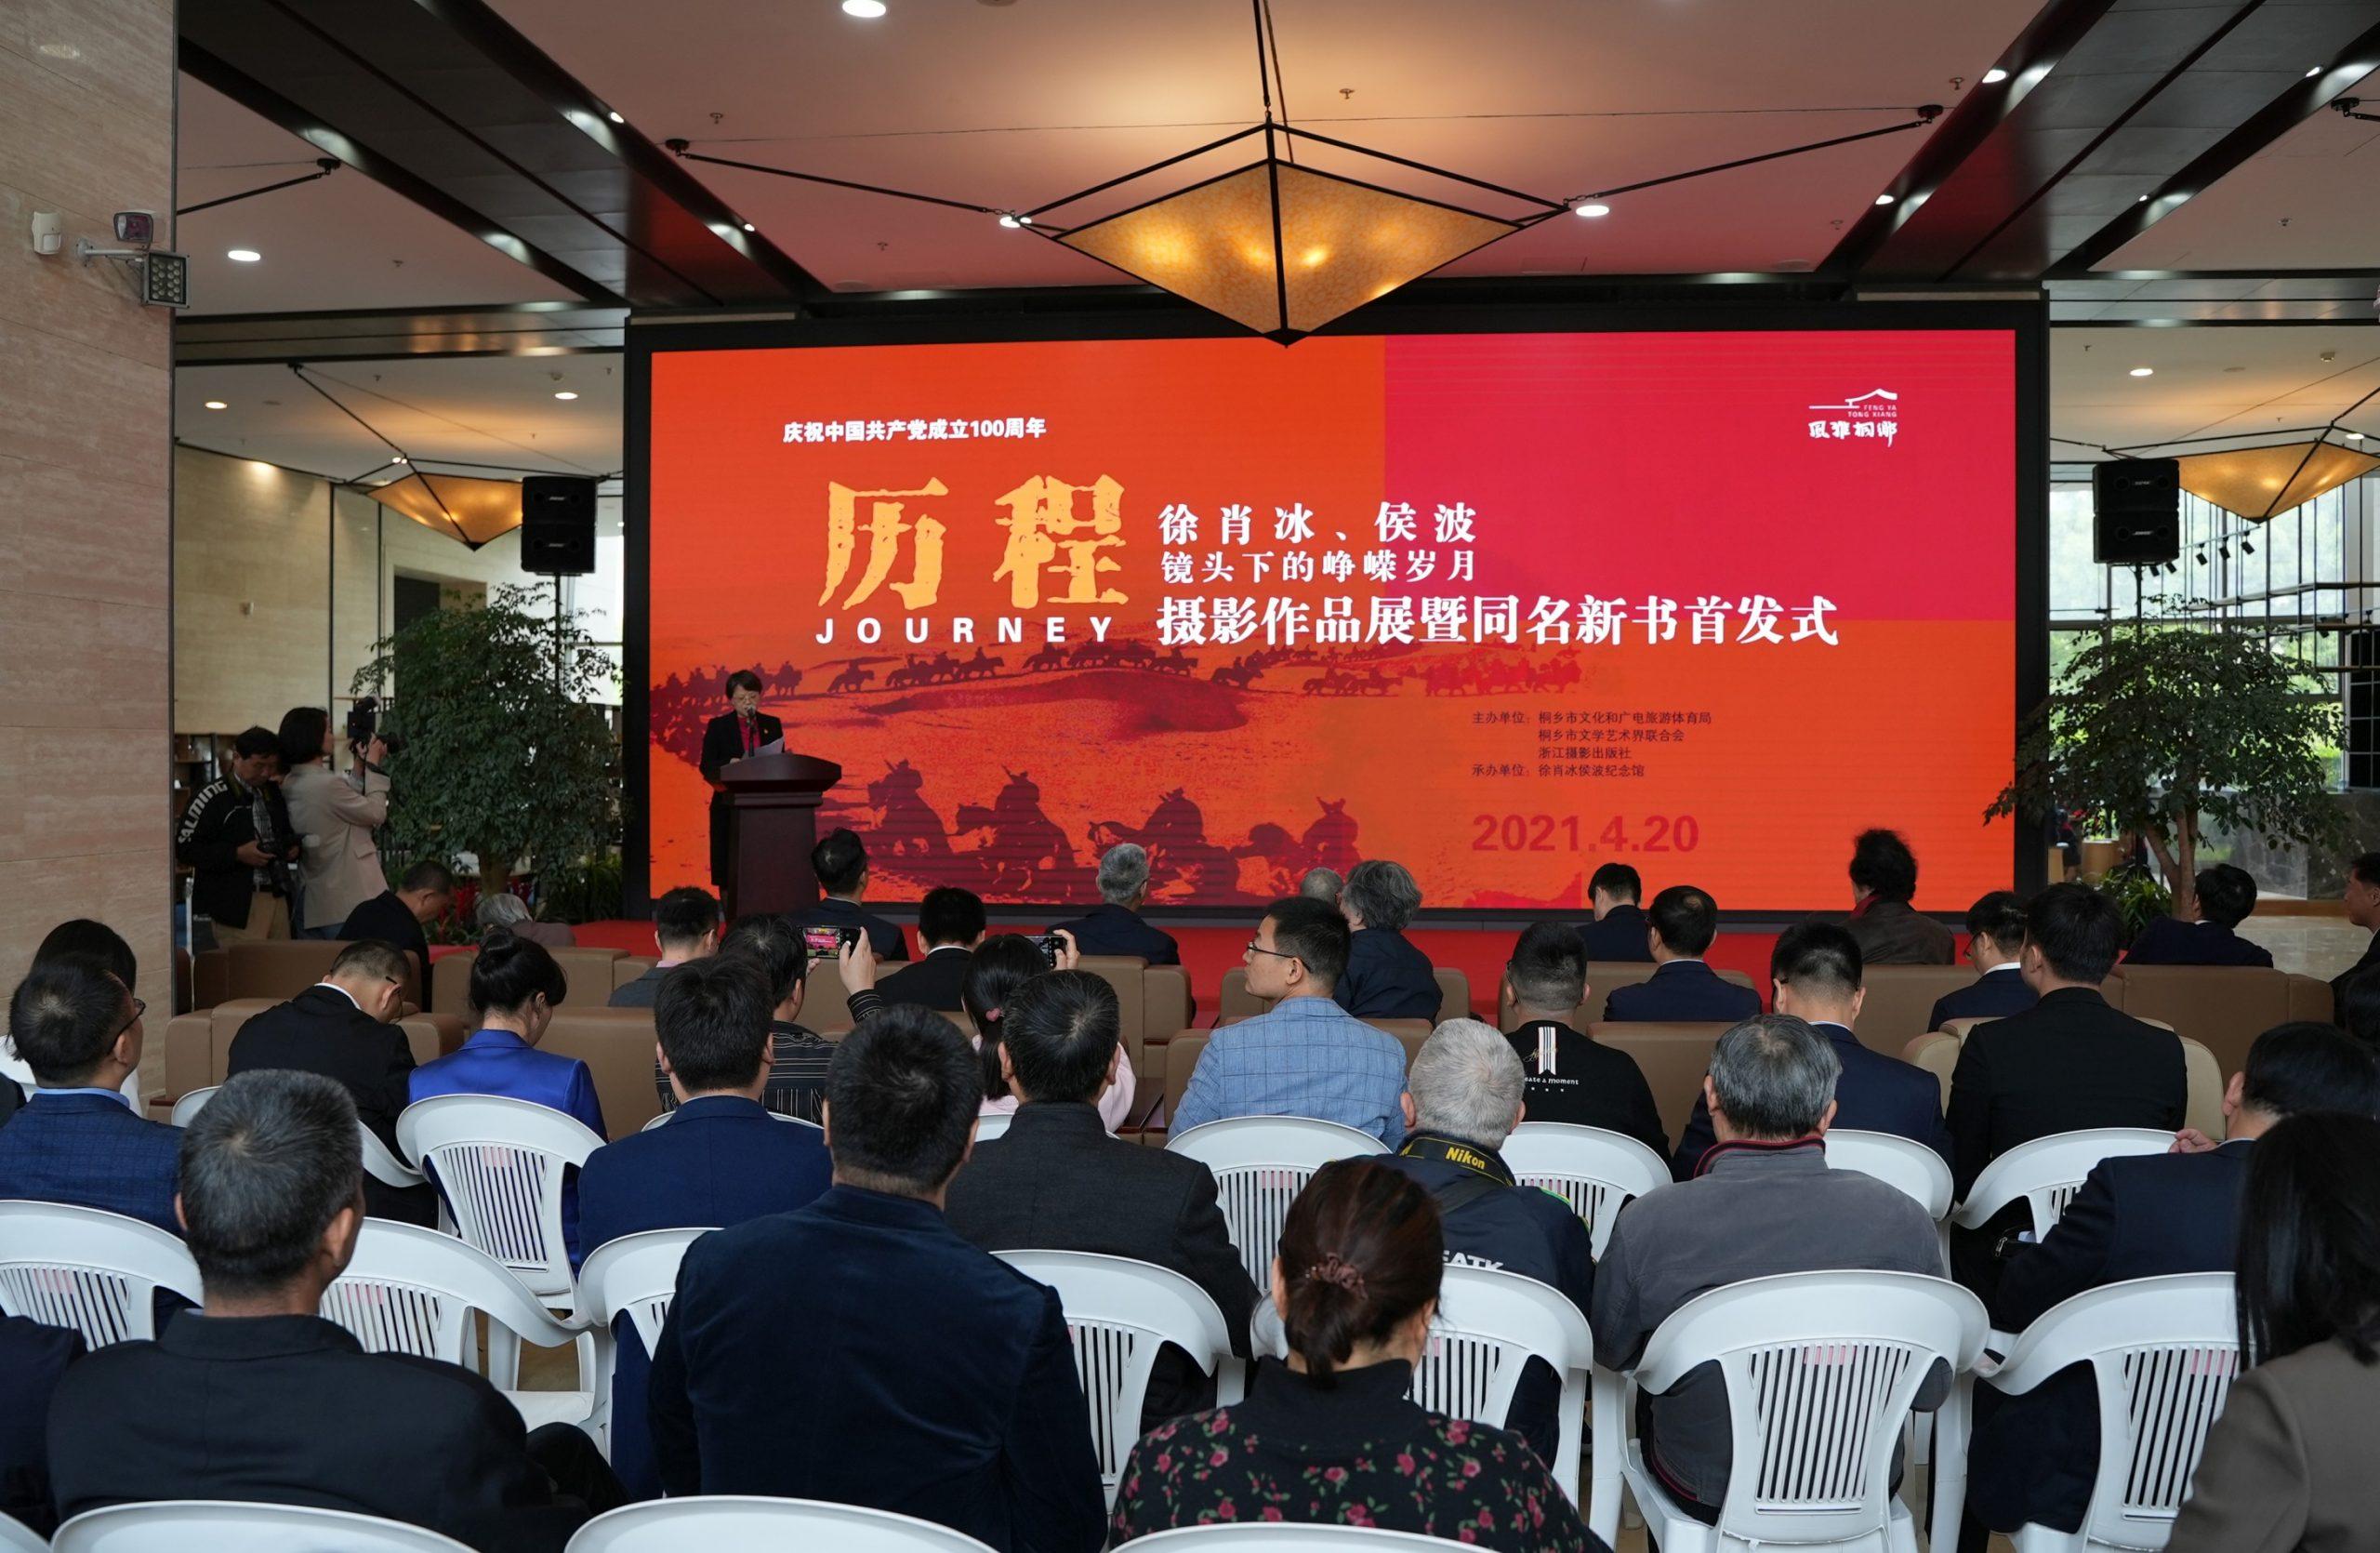 《历程:徐肖冰、侯波镜头下的峥嵘岁月》隆重首发,以221幅珍贵历史影像贺中国共产党百年华诞